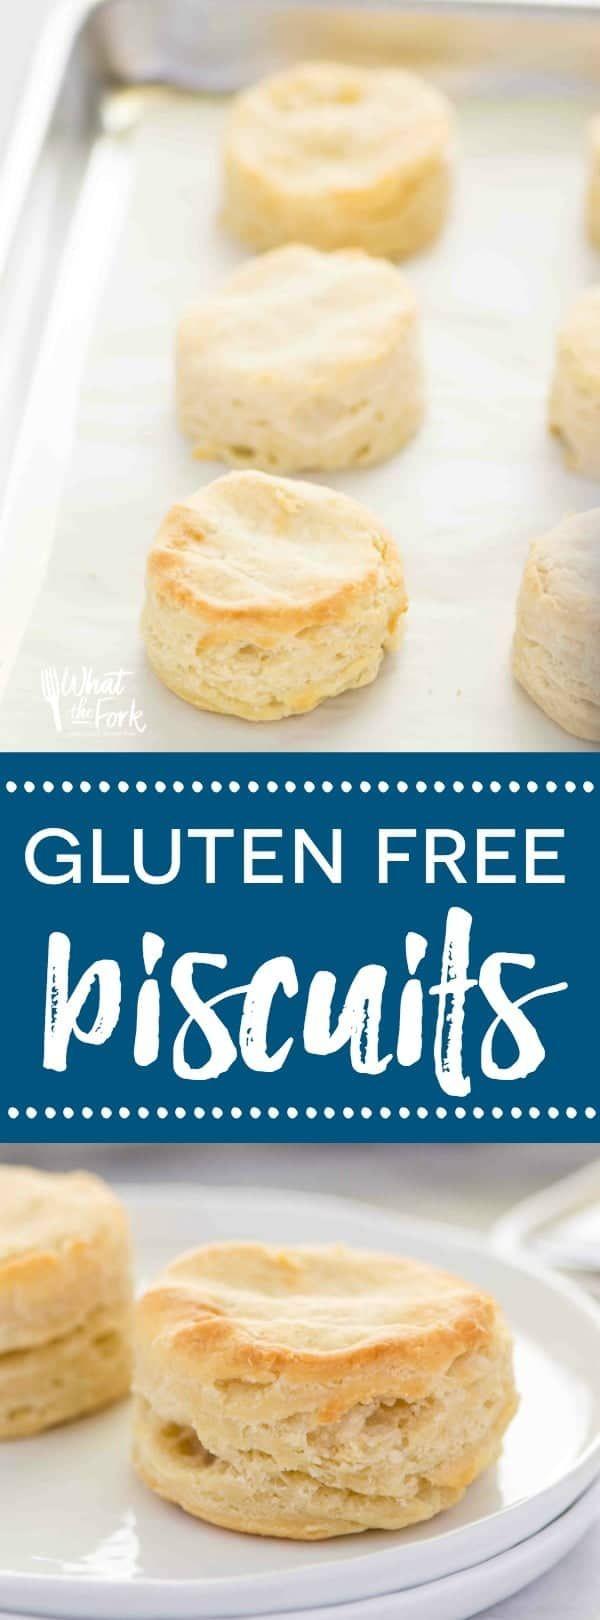 Gluten Free Biscuits #glutenfreebreakfasts